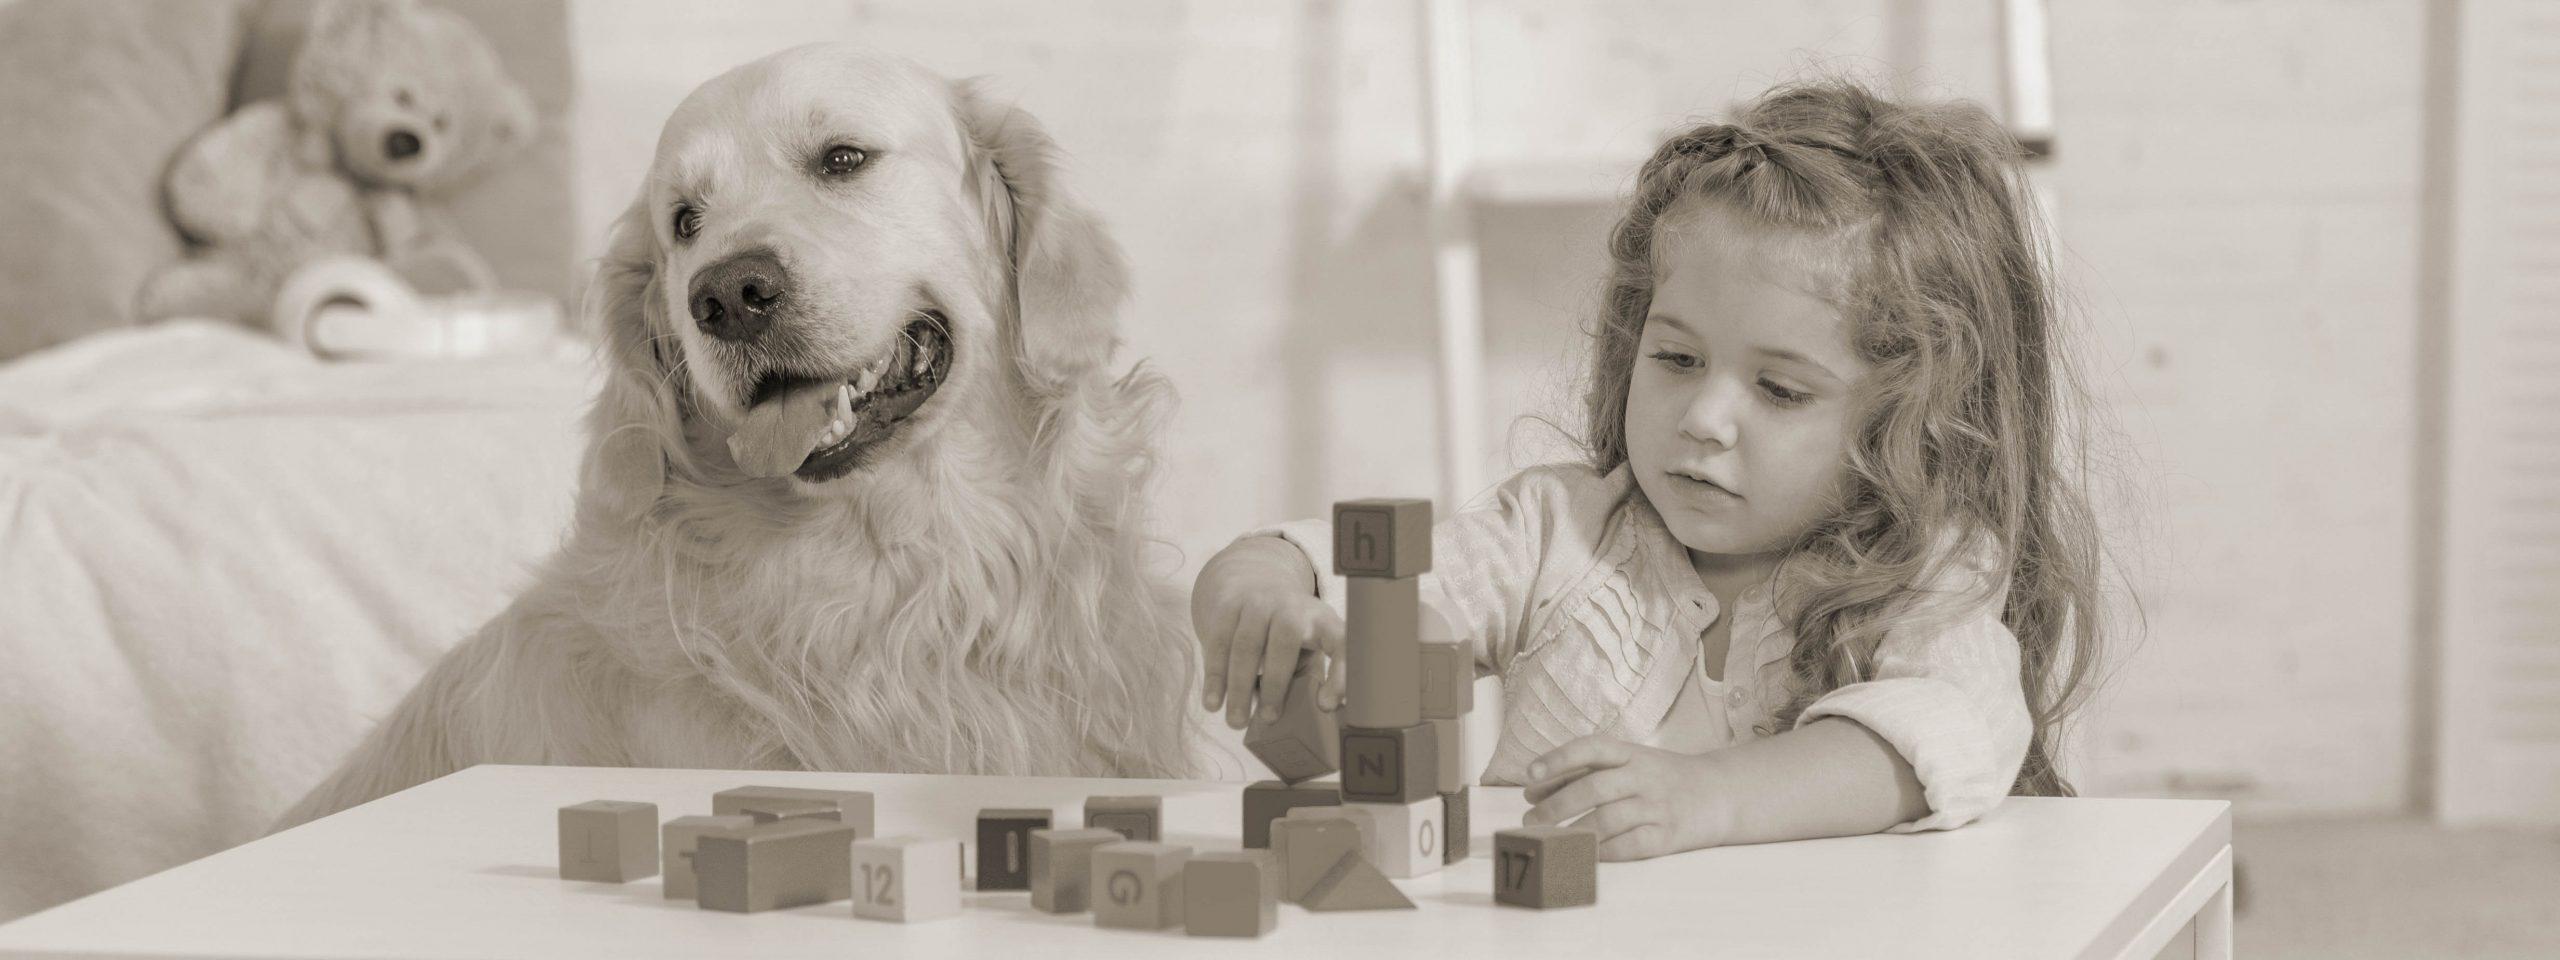 Kleines Mädchen spielt mit Bauklötzen, daneben sitzt ein Golden